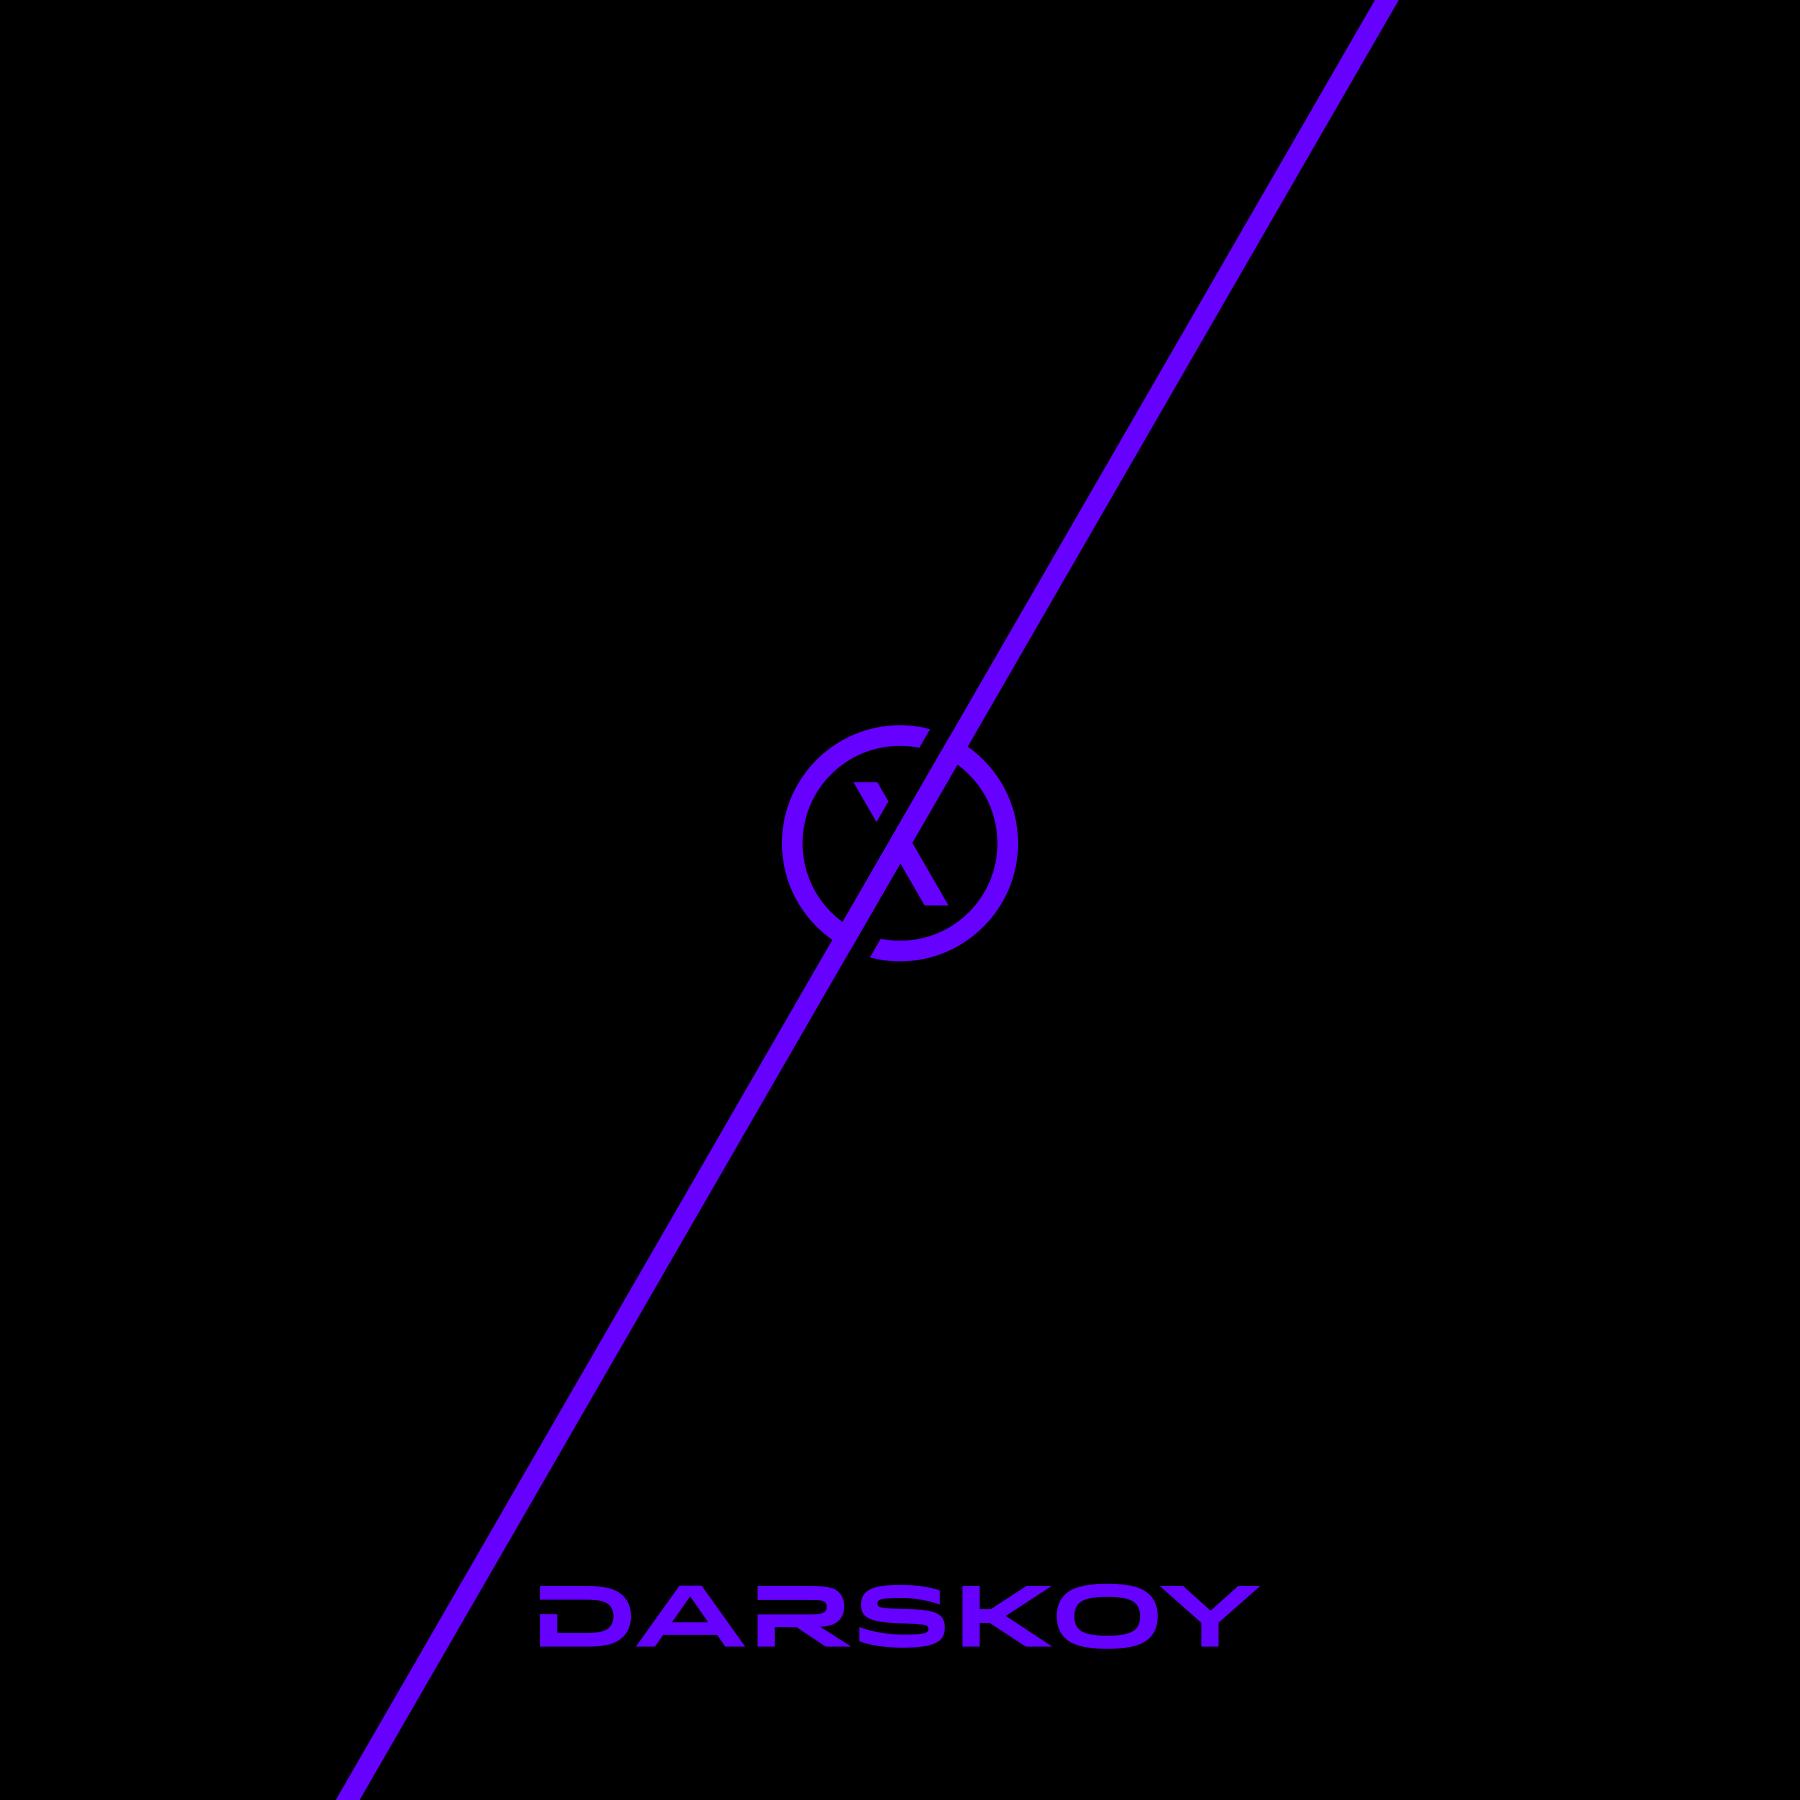 Нарисовать логотип для сольного музыкального проекта фото f_3325ba778bd9299f.png